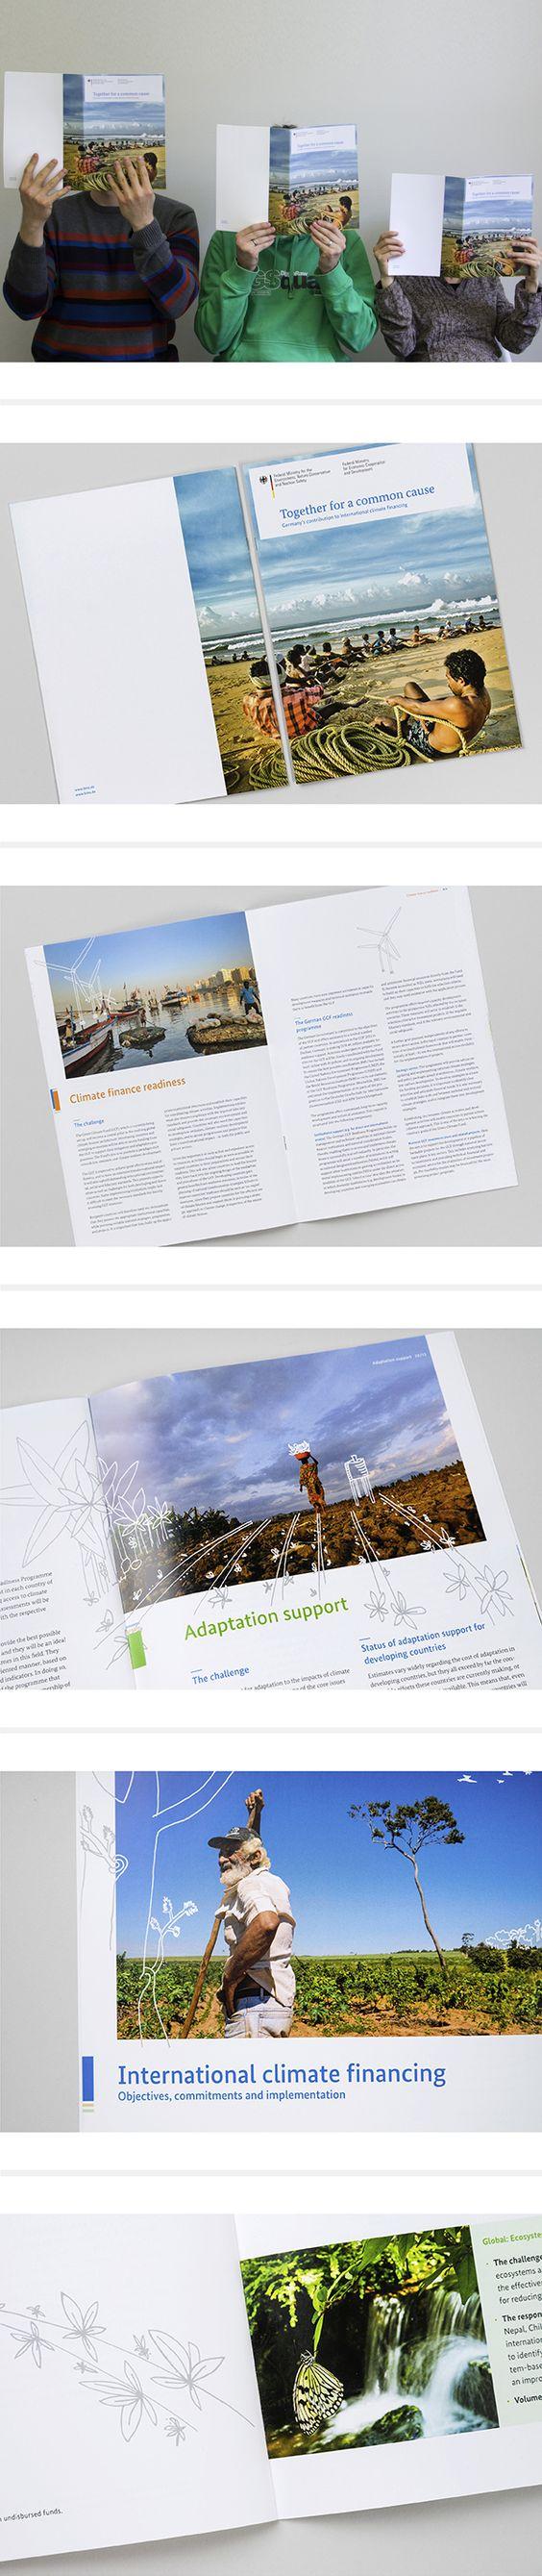 """Anlässlich der 19. Weltklimakonferenz der Vereinten Nationen in Warschau gestaltete die Designagentur Schumacher das Grafikdesign der """"Klimafinanzierungsbroschüre"""" der deutschen Bundesregierung. #broschüre #editorialdesign #layout #illustration"""